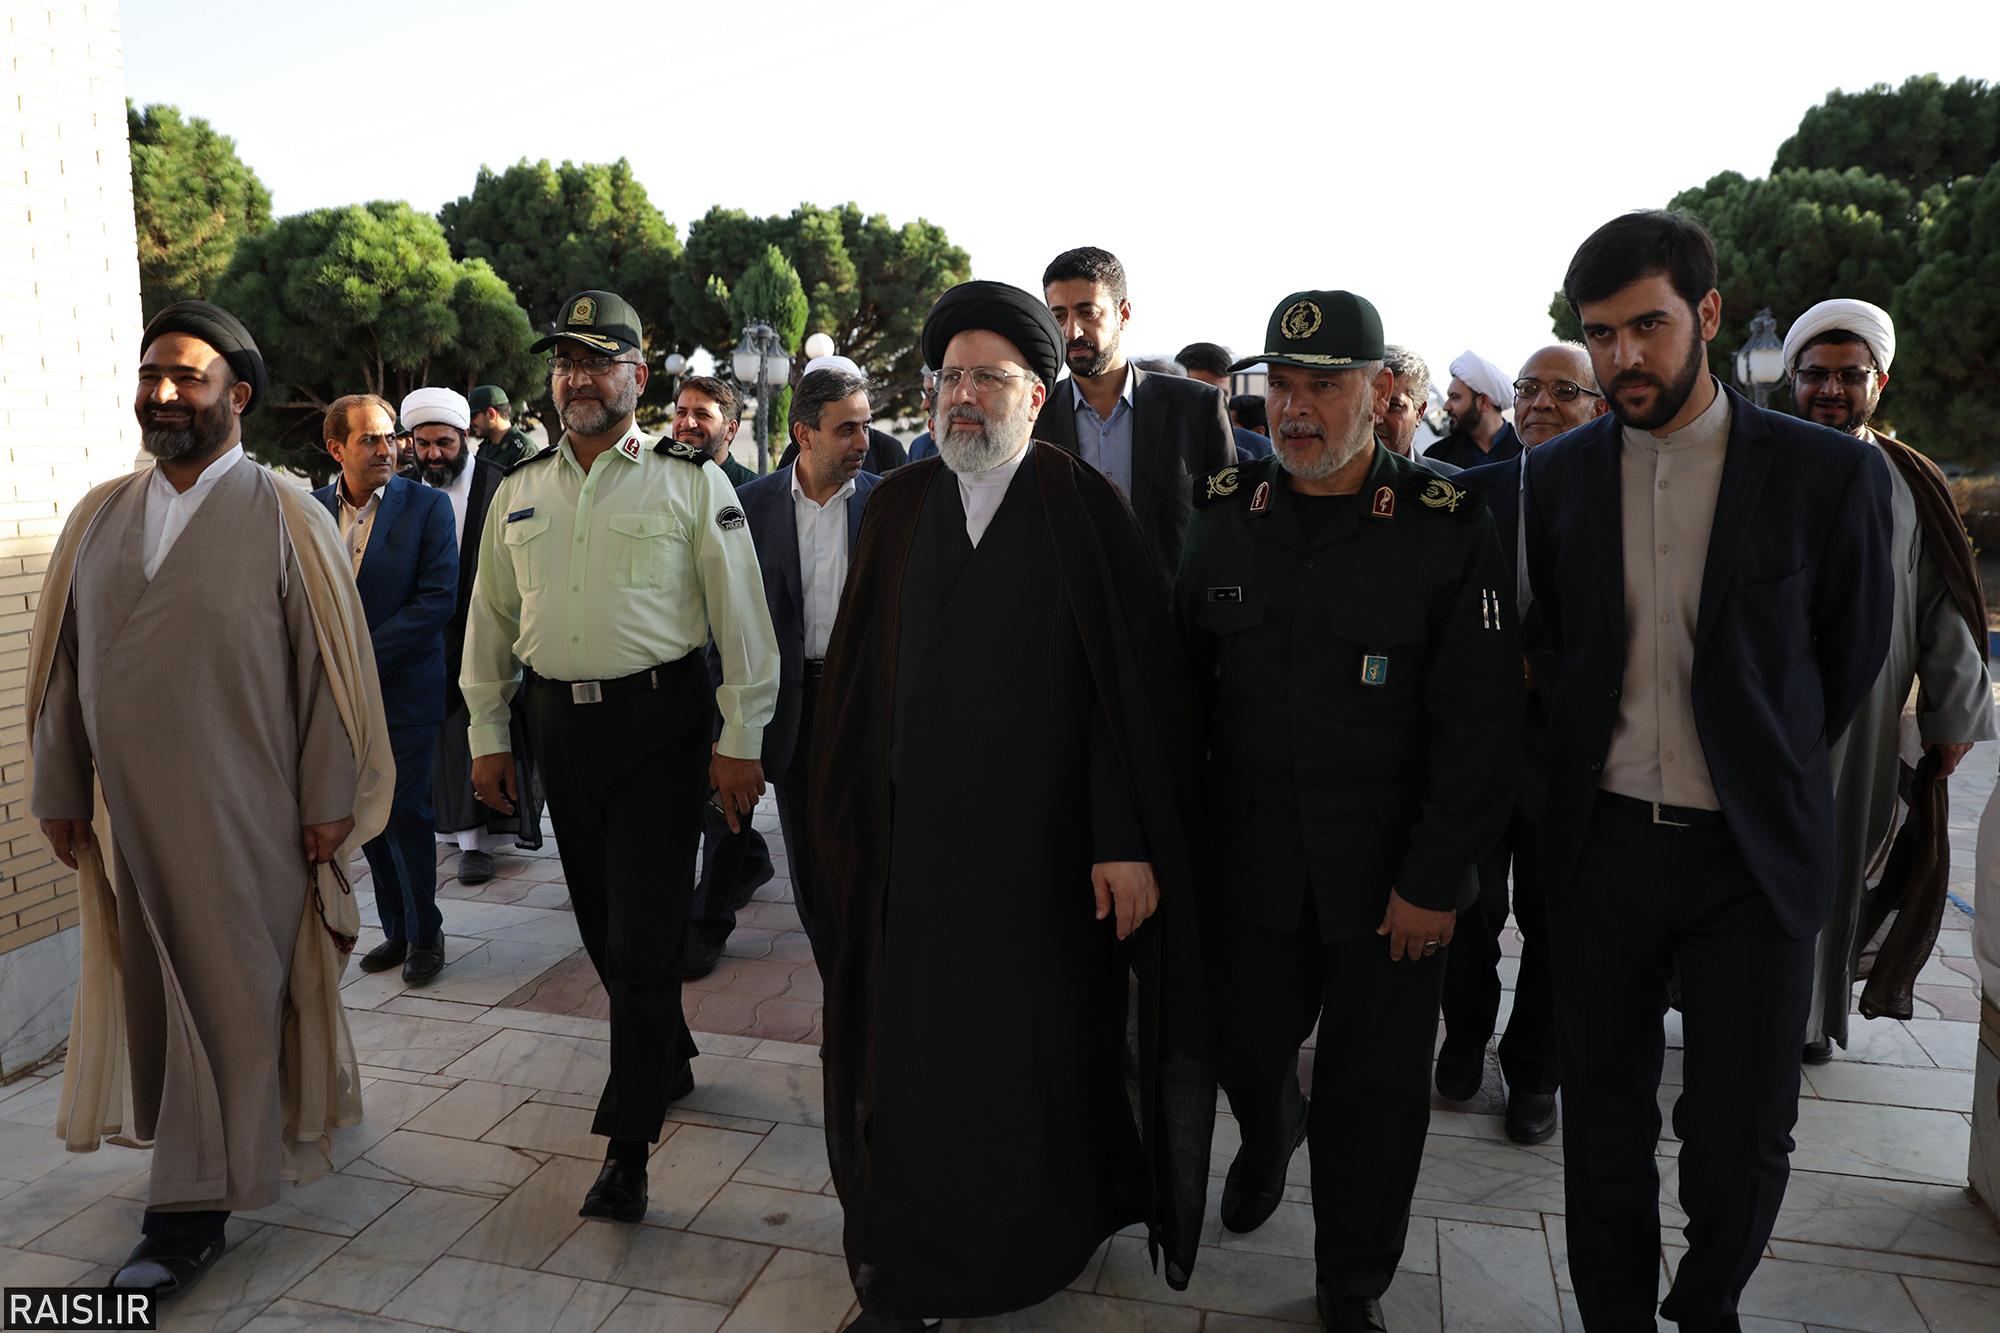 گزارش تصویری استقبال از تولیت آستان قدس رضوی در فرودگاه یزد